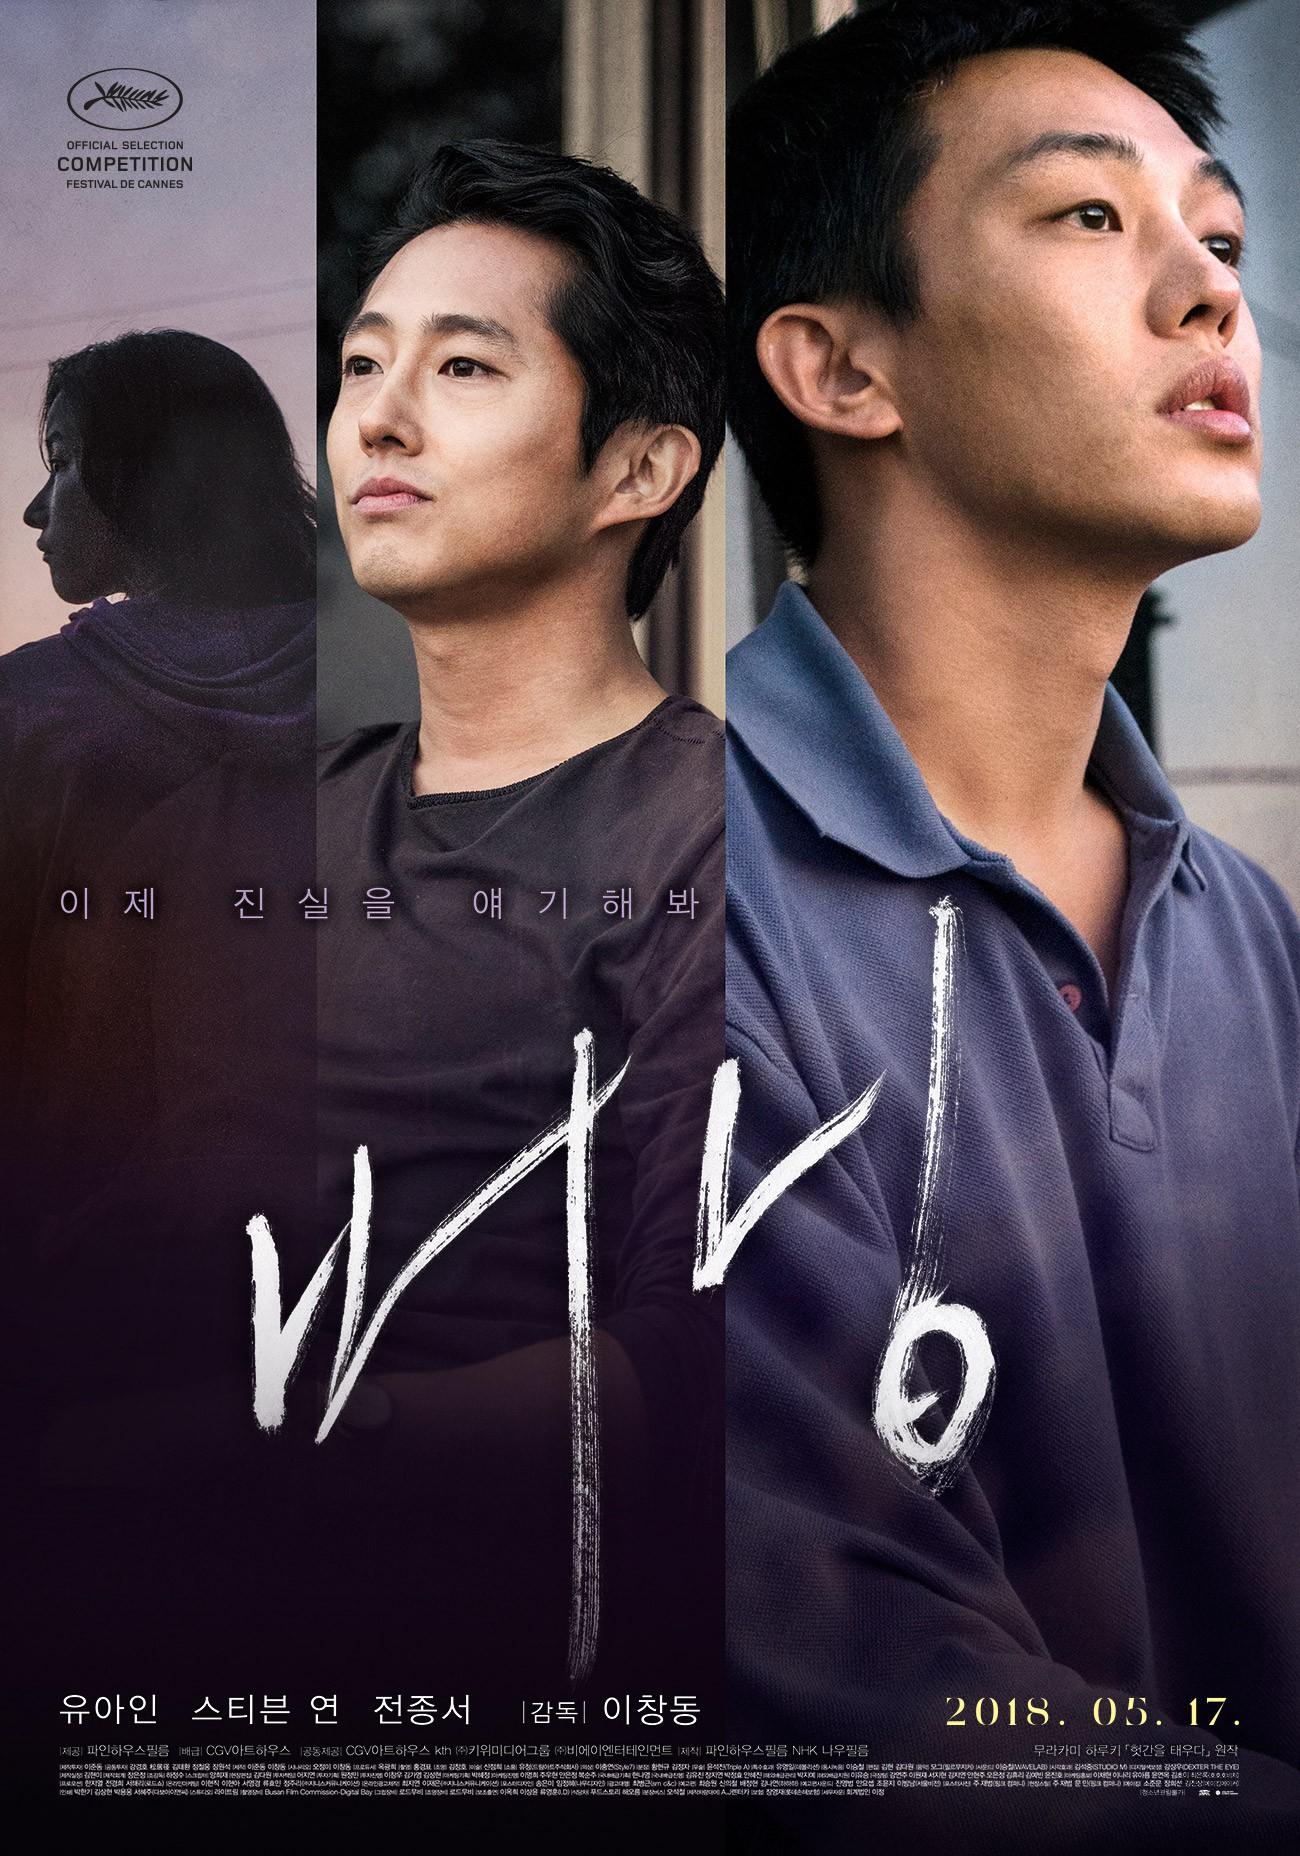 5 phim Hàn nổi bật ra rạp tháng Năm: Mang chuông đi đánh xứ người - Ảnh 12.